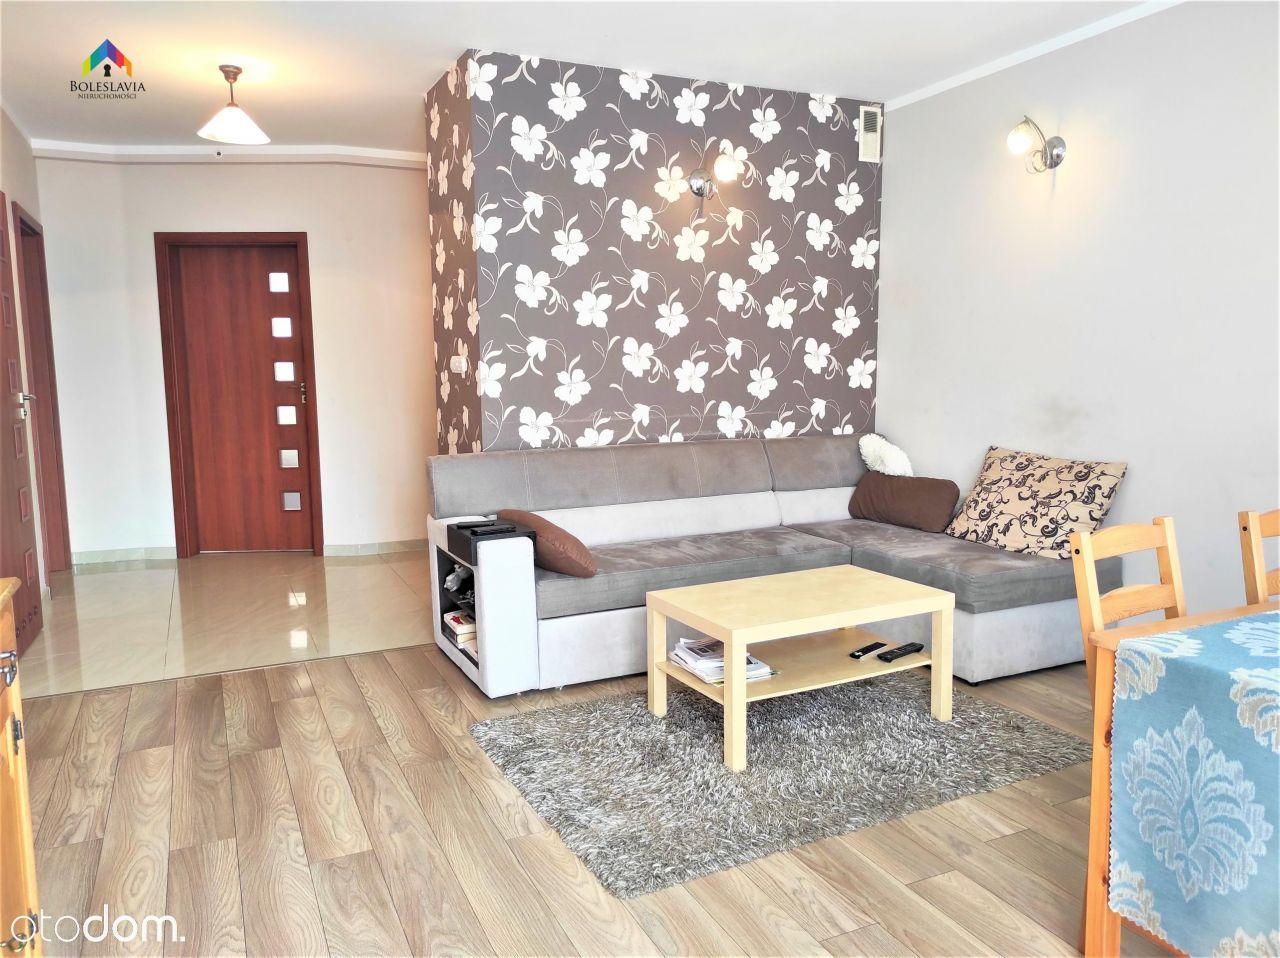 Mieszkanie, 65 m², Bolesławiec